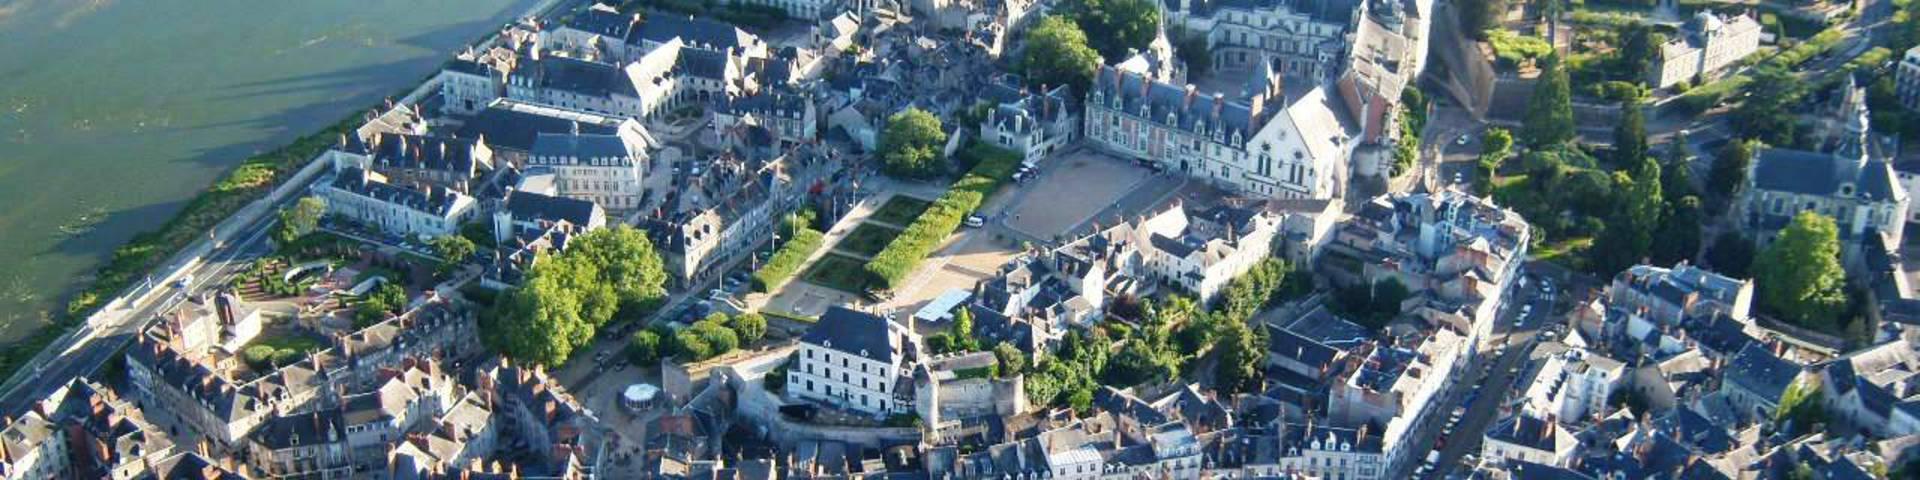 La ciudad de Blois y su Castillo Real desde el cielo. © OTBC